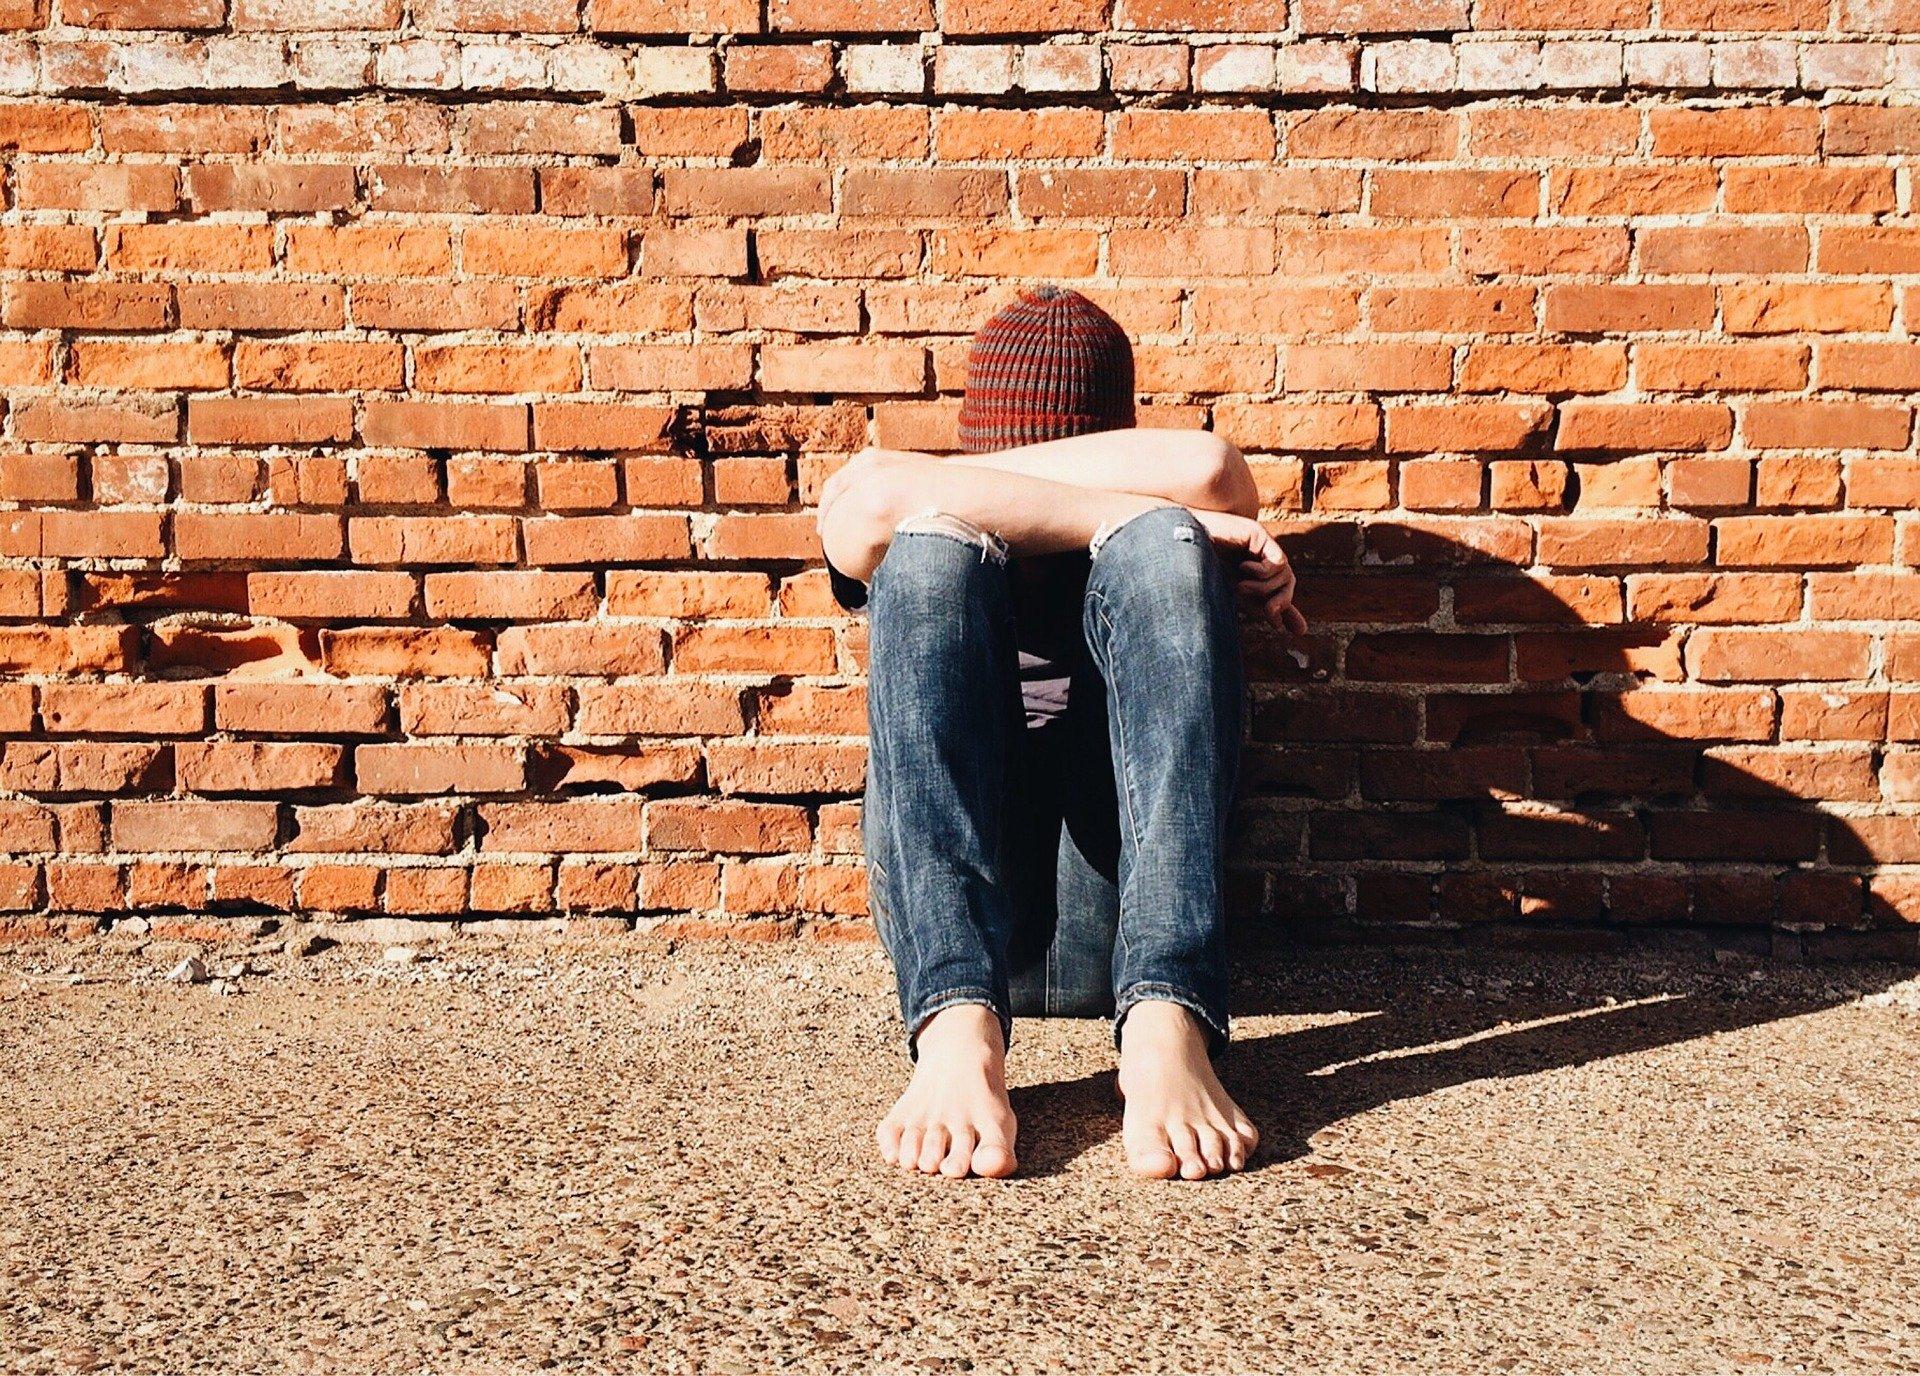 Συμπεριφορές βίας & σχολικός εκφοβισμός – Πρόληψη, προστατευτικοί παράγοντες και ο ρόλος της οικογένειας, του σχολείου και των συνομηλίκων